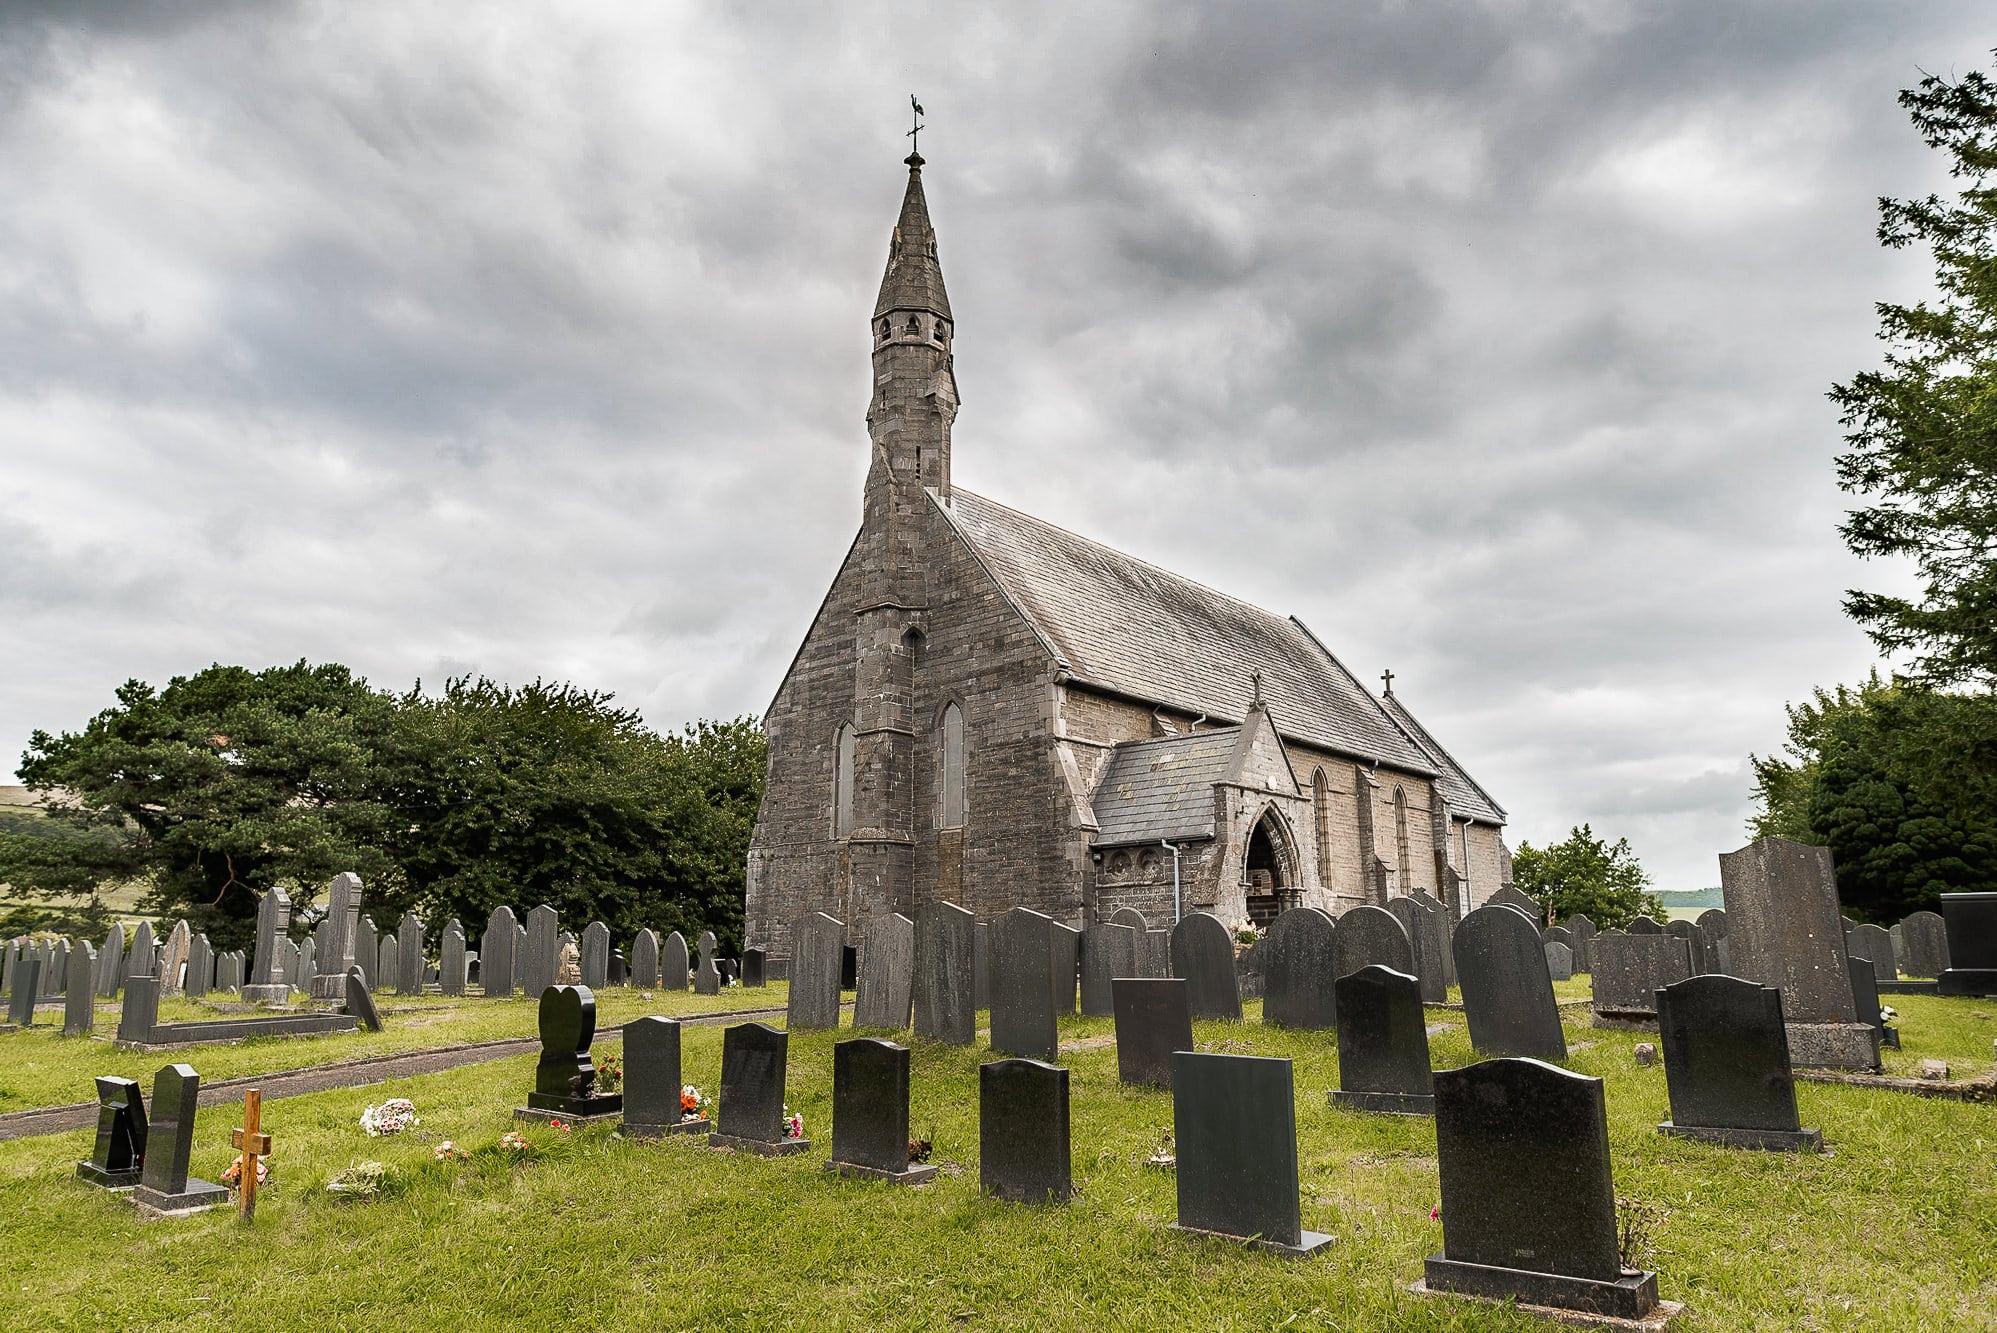 Clarach church